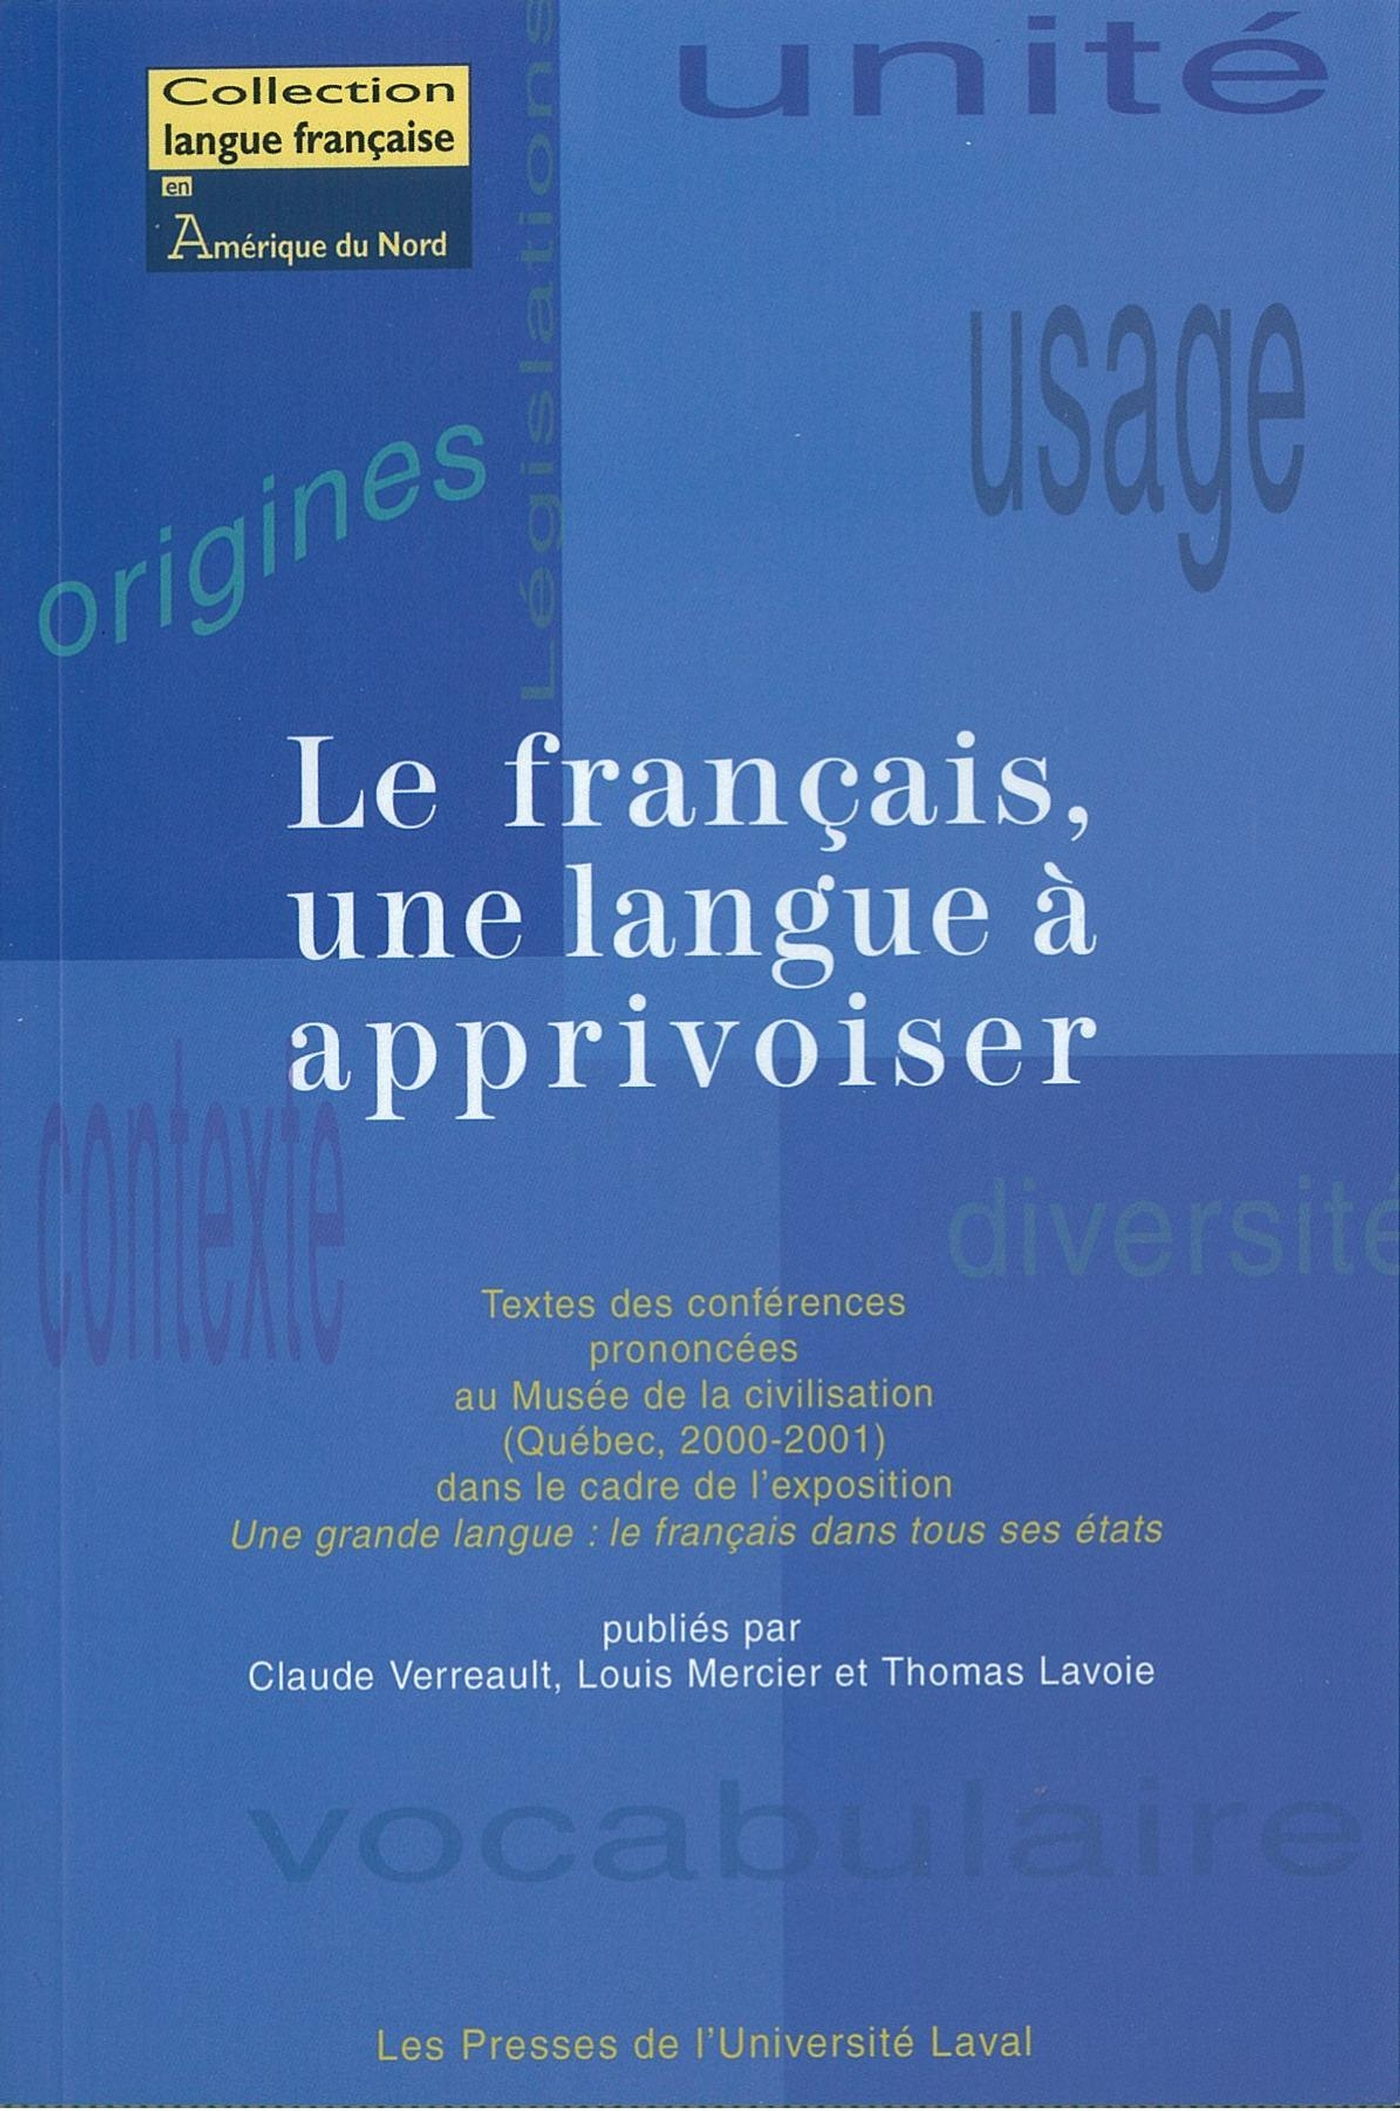 Le français, une langue à apprivoiser